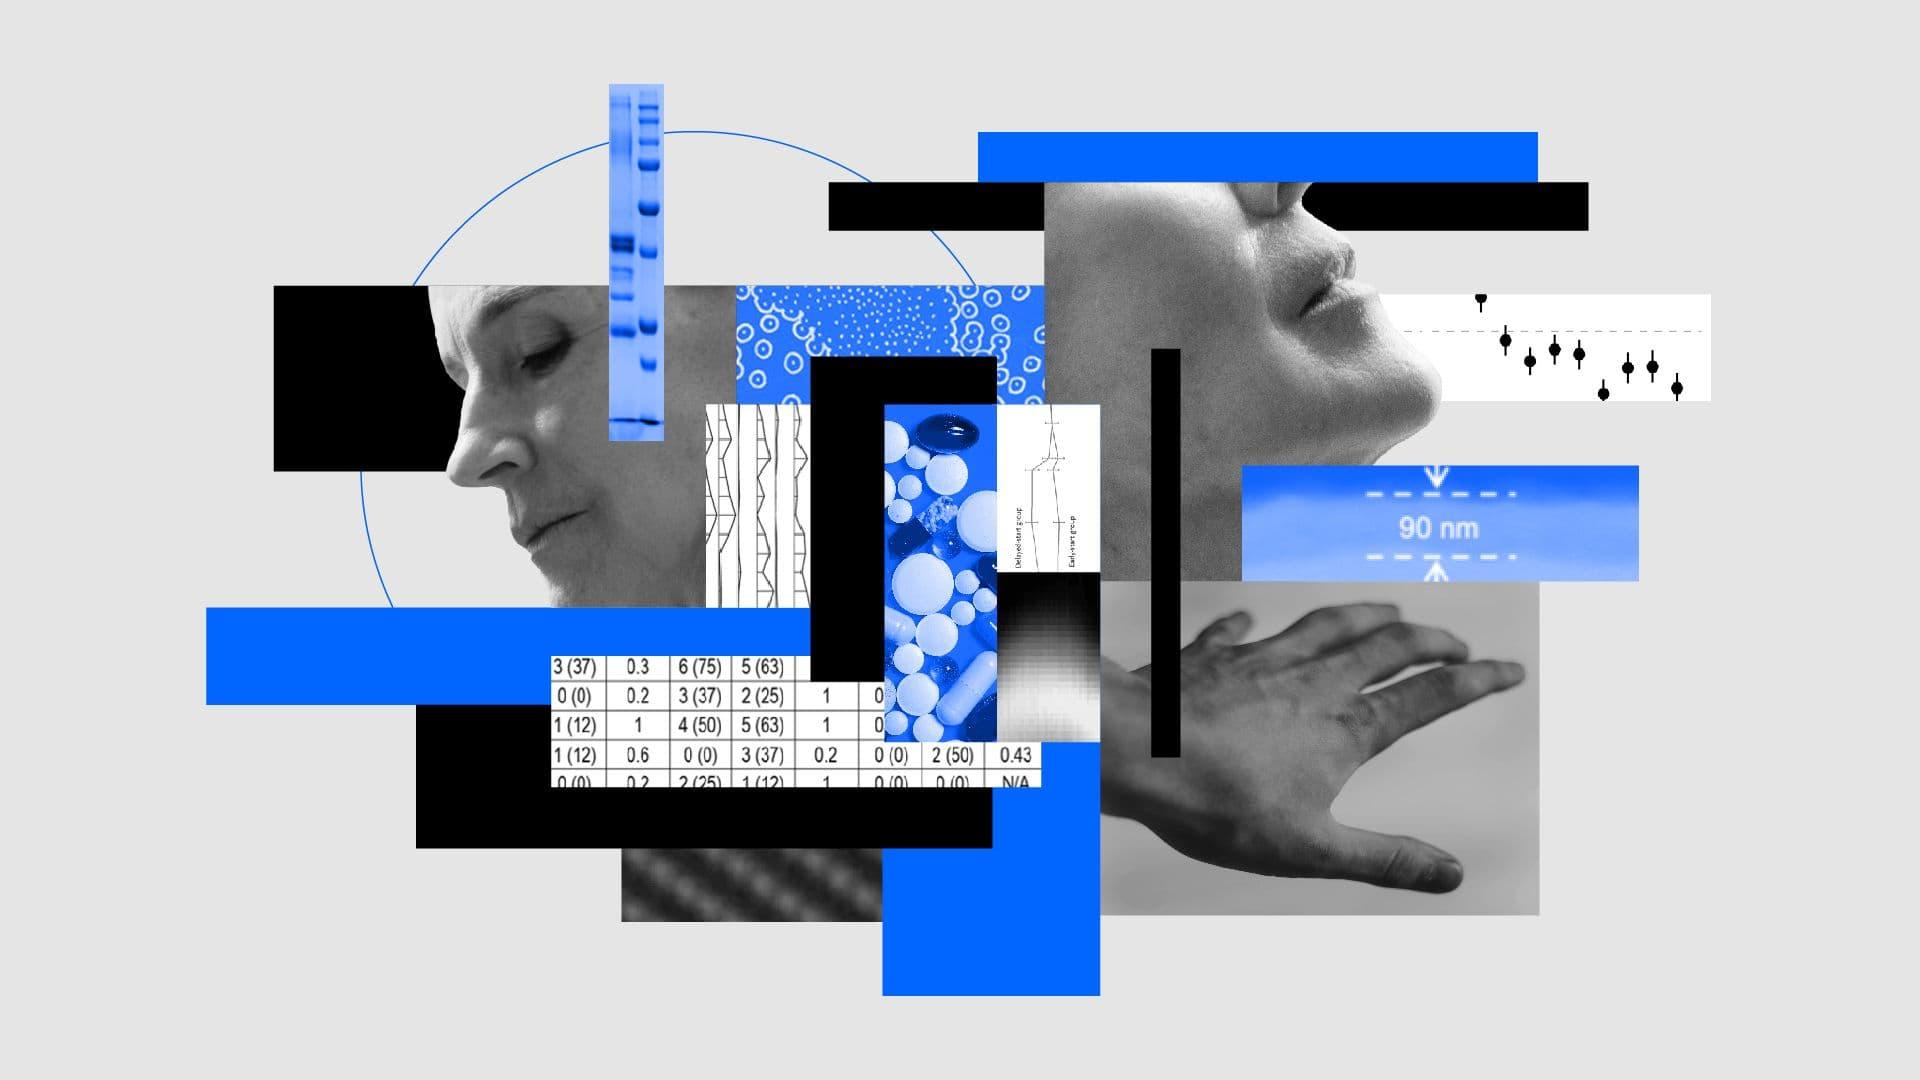 IBM uczy Sztuczną Inteligencję wykrywania choroby Parkinsona